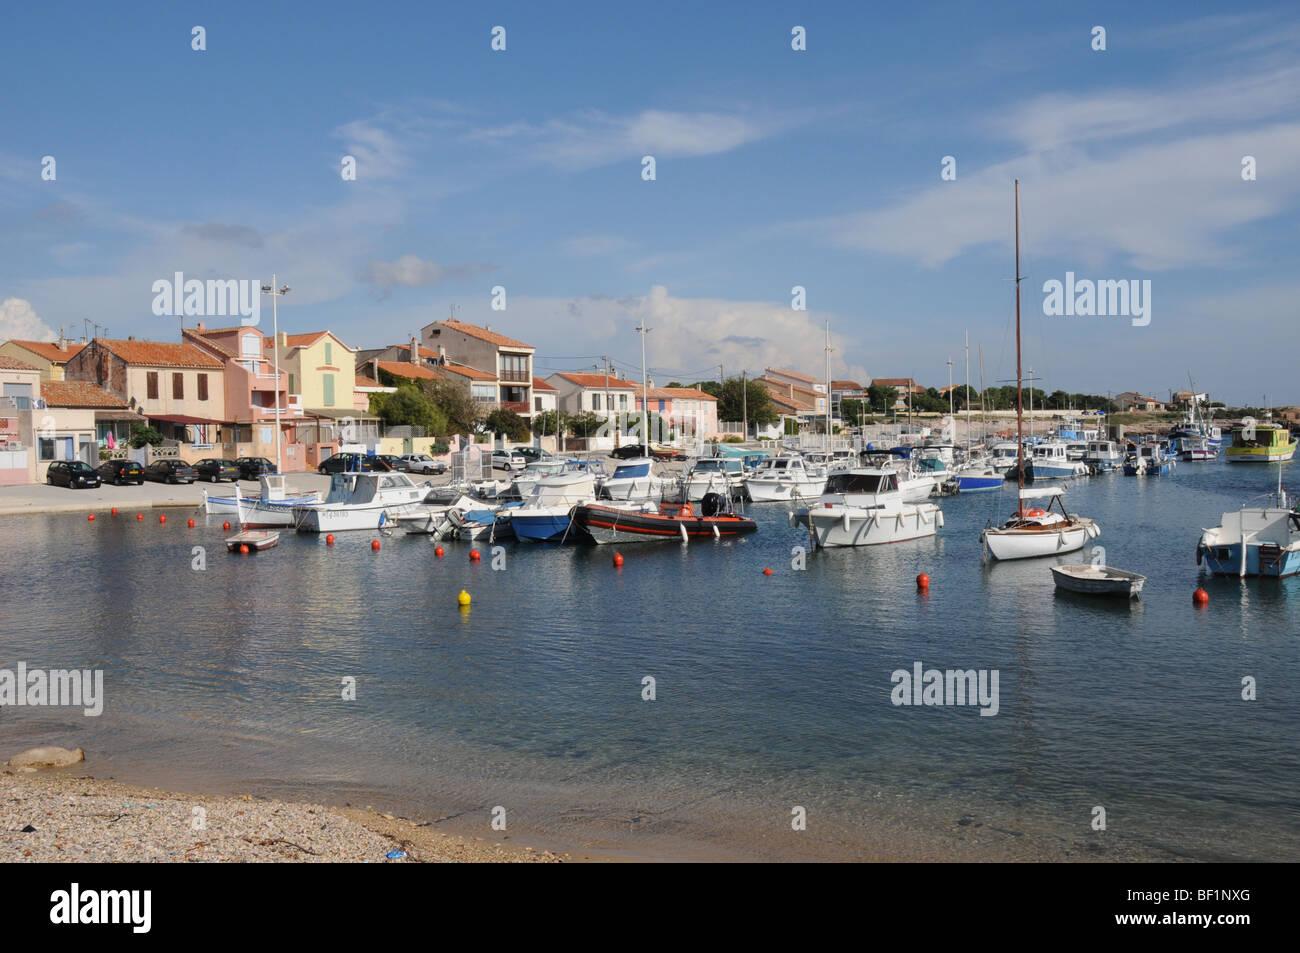 Carro, un pequeño pueblo de pescadores cerca de Marsella en Bouches du Rhone región en el sur de Francia. Imagen De Stock